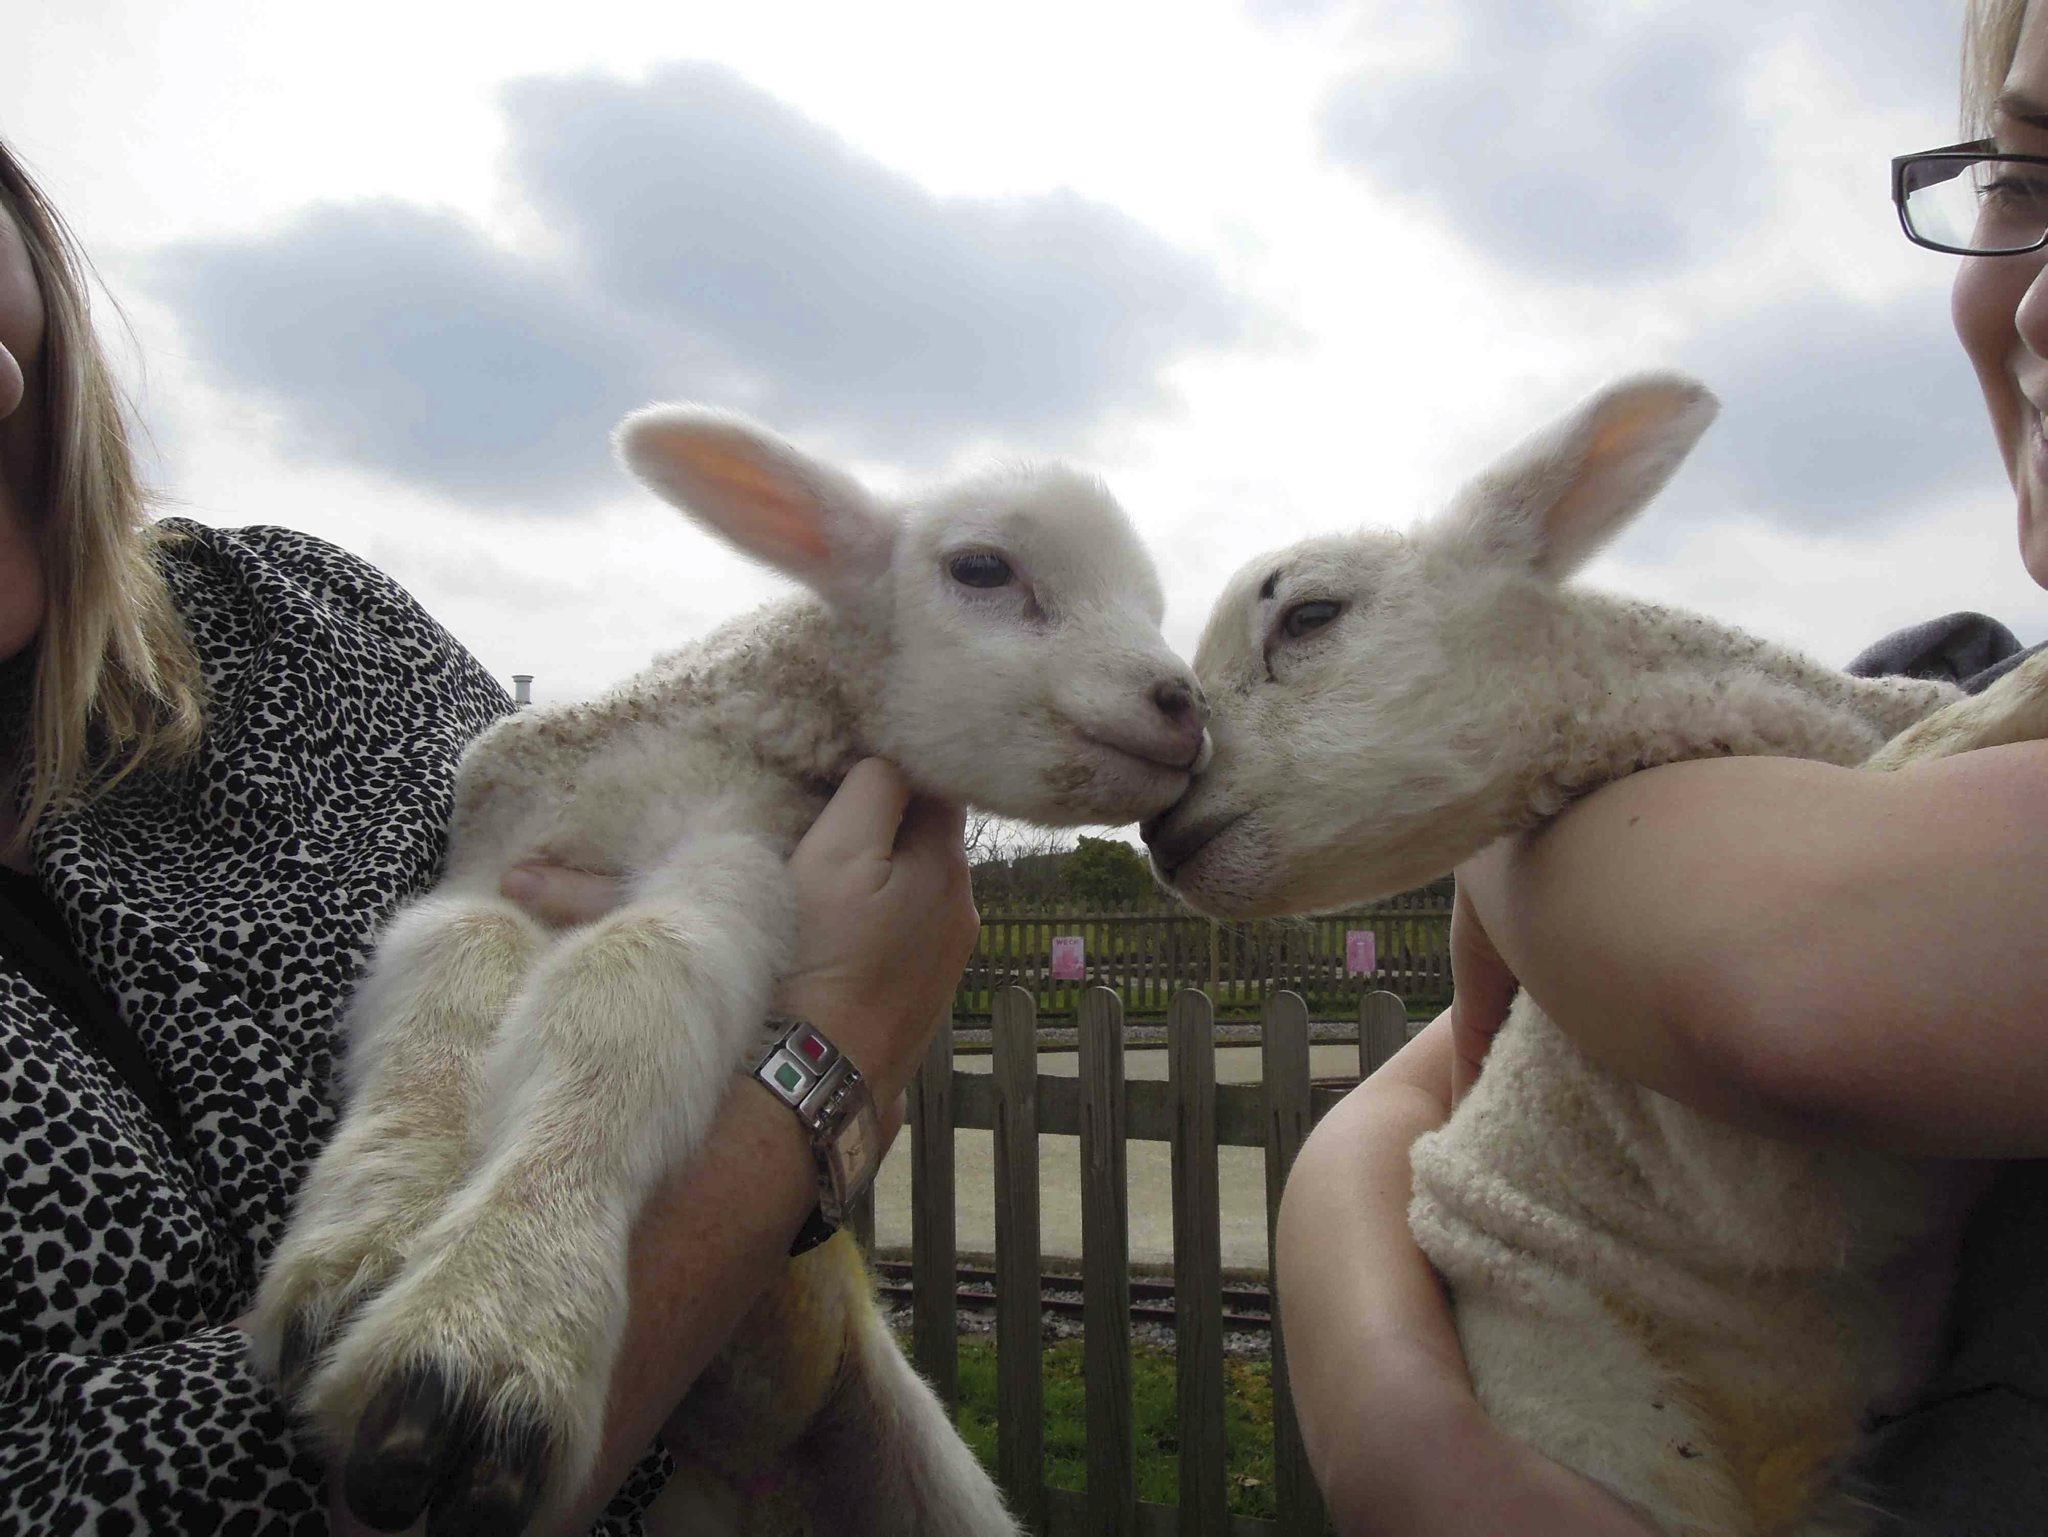 Brogdale, easter at brogdale, lambs